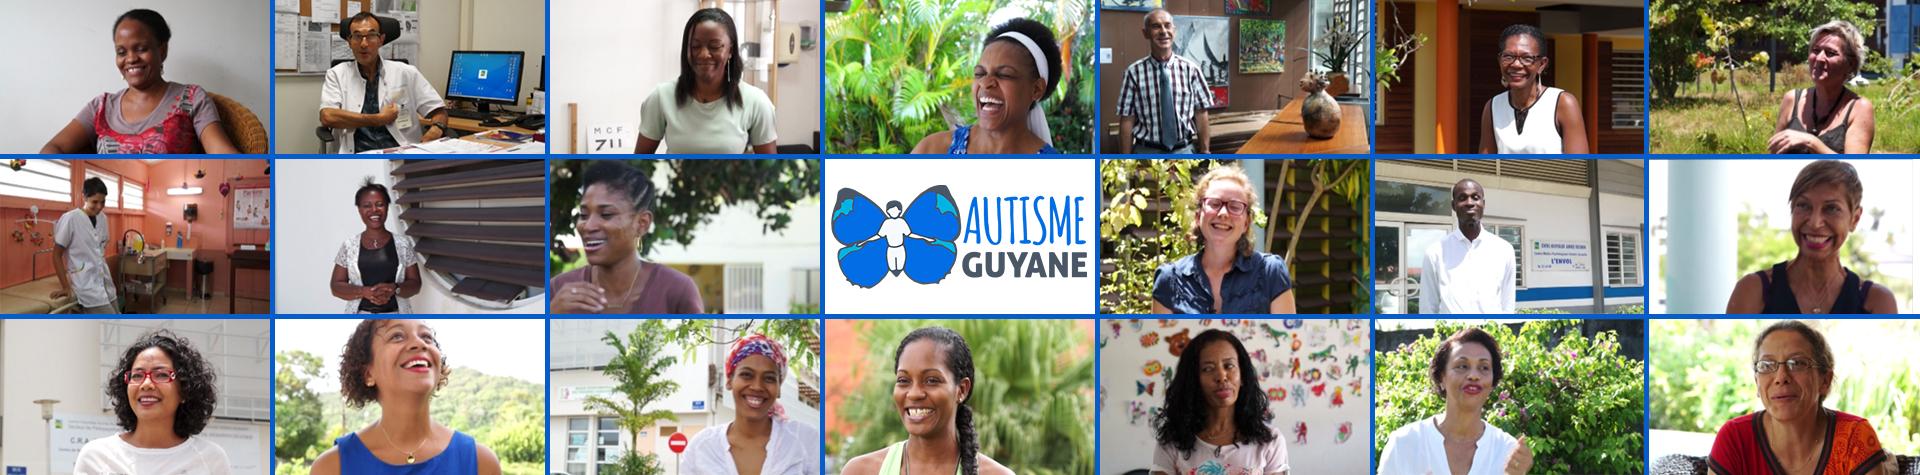 Trombinoscope des professionnels de santé en Guyane